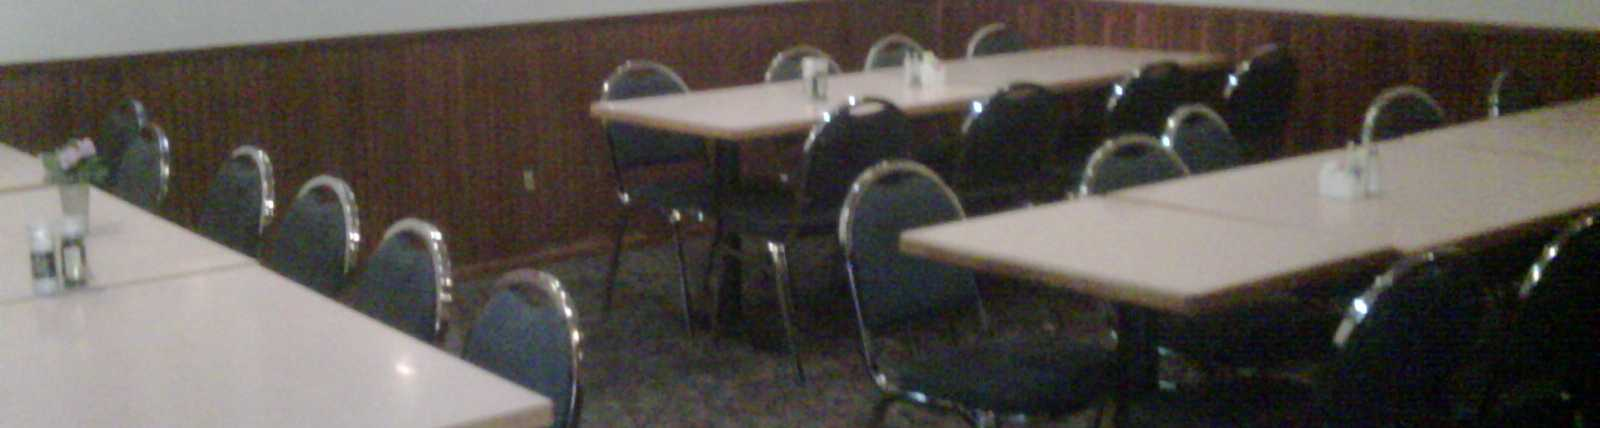 meeting-facility-Tuscany_at_Des_Moines_Creek_Meeting_Facility-2.jpg